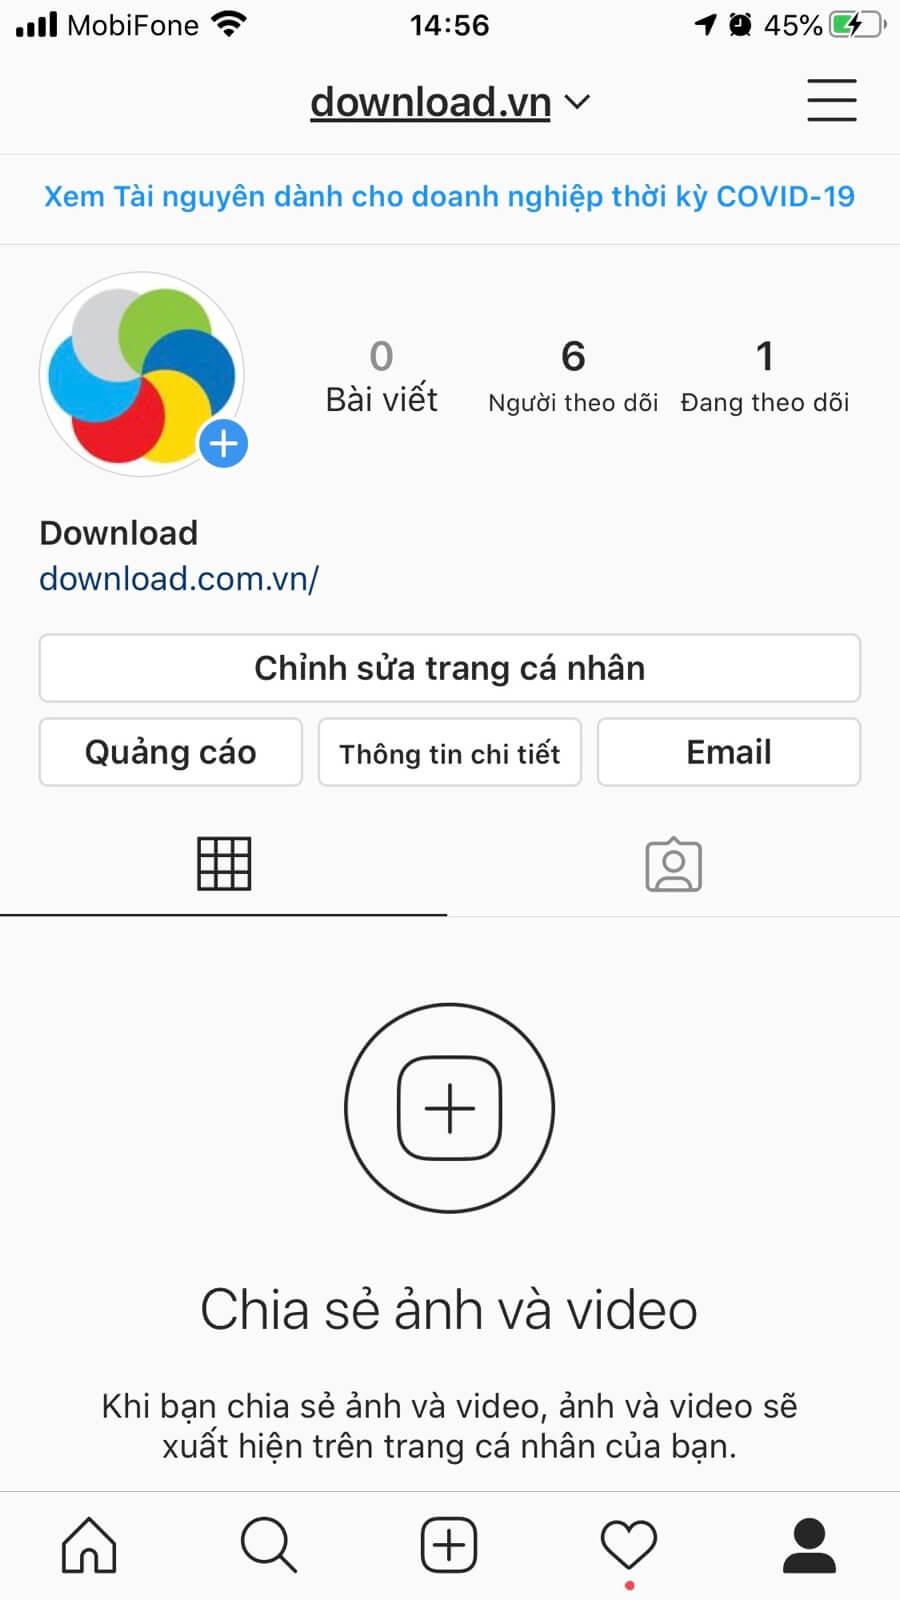 Hồ sơ Instagram Download.com.vn